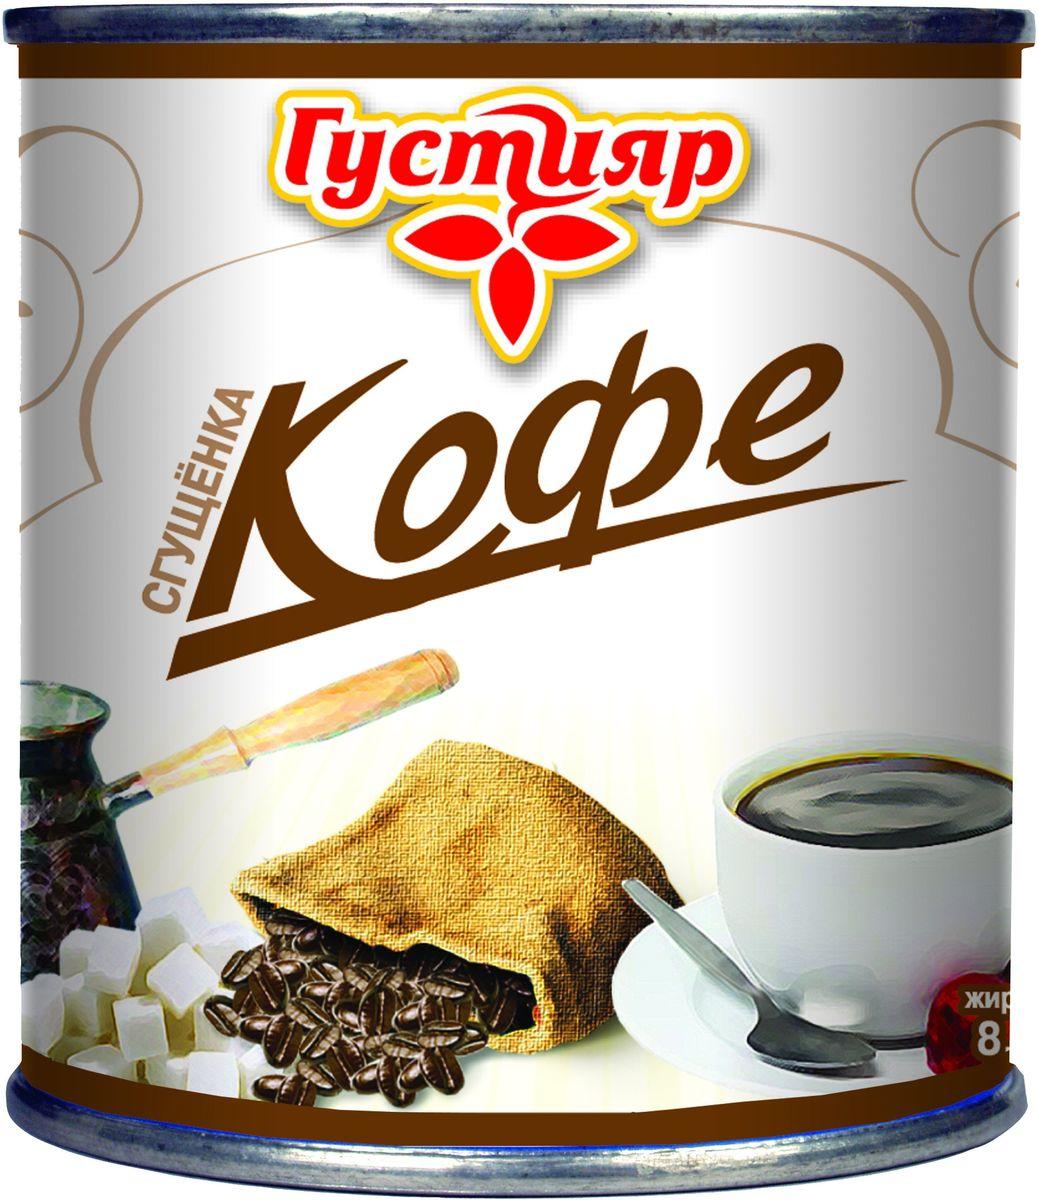 Сгущенное молоко с кофе 8.5% Густияр, продукт подходит для изготовления изысканых кондитерских изделий, употребления с молоком. Лучшее дополнение к блинам. Пищевая ценность на 100 г продукта: жира - 8.5 г, белка - 4 г, углеводов - 56 г. Энергетическая ценность - 320 Ккал.